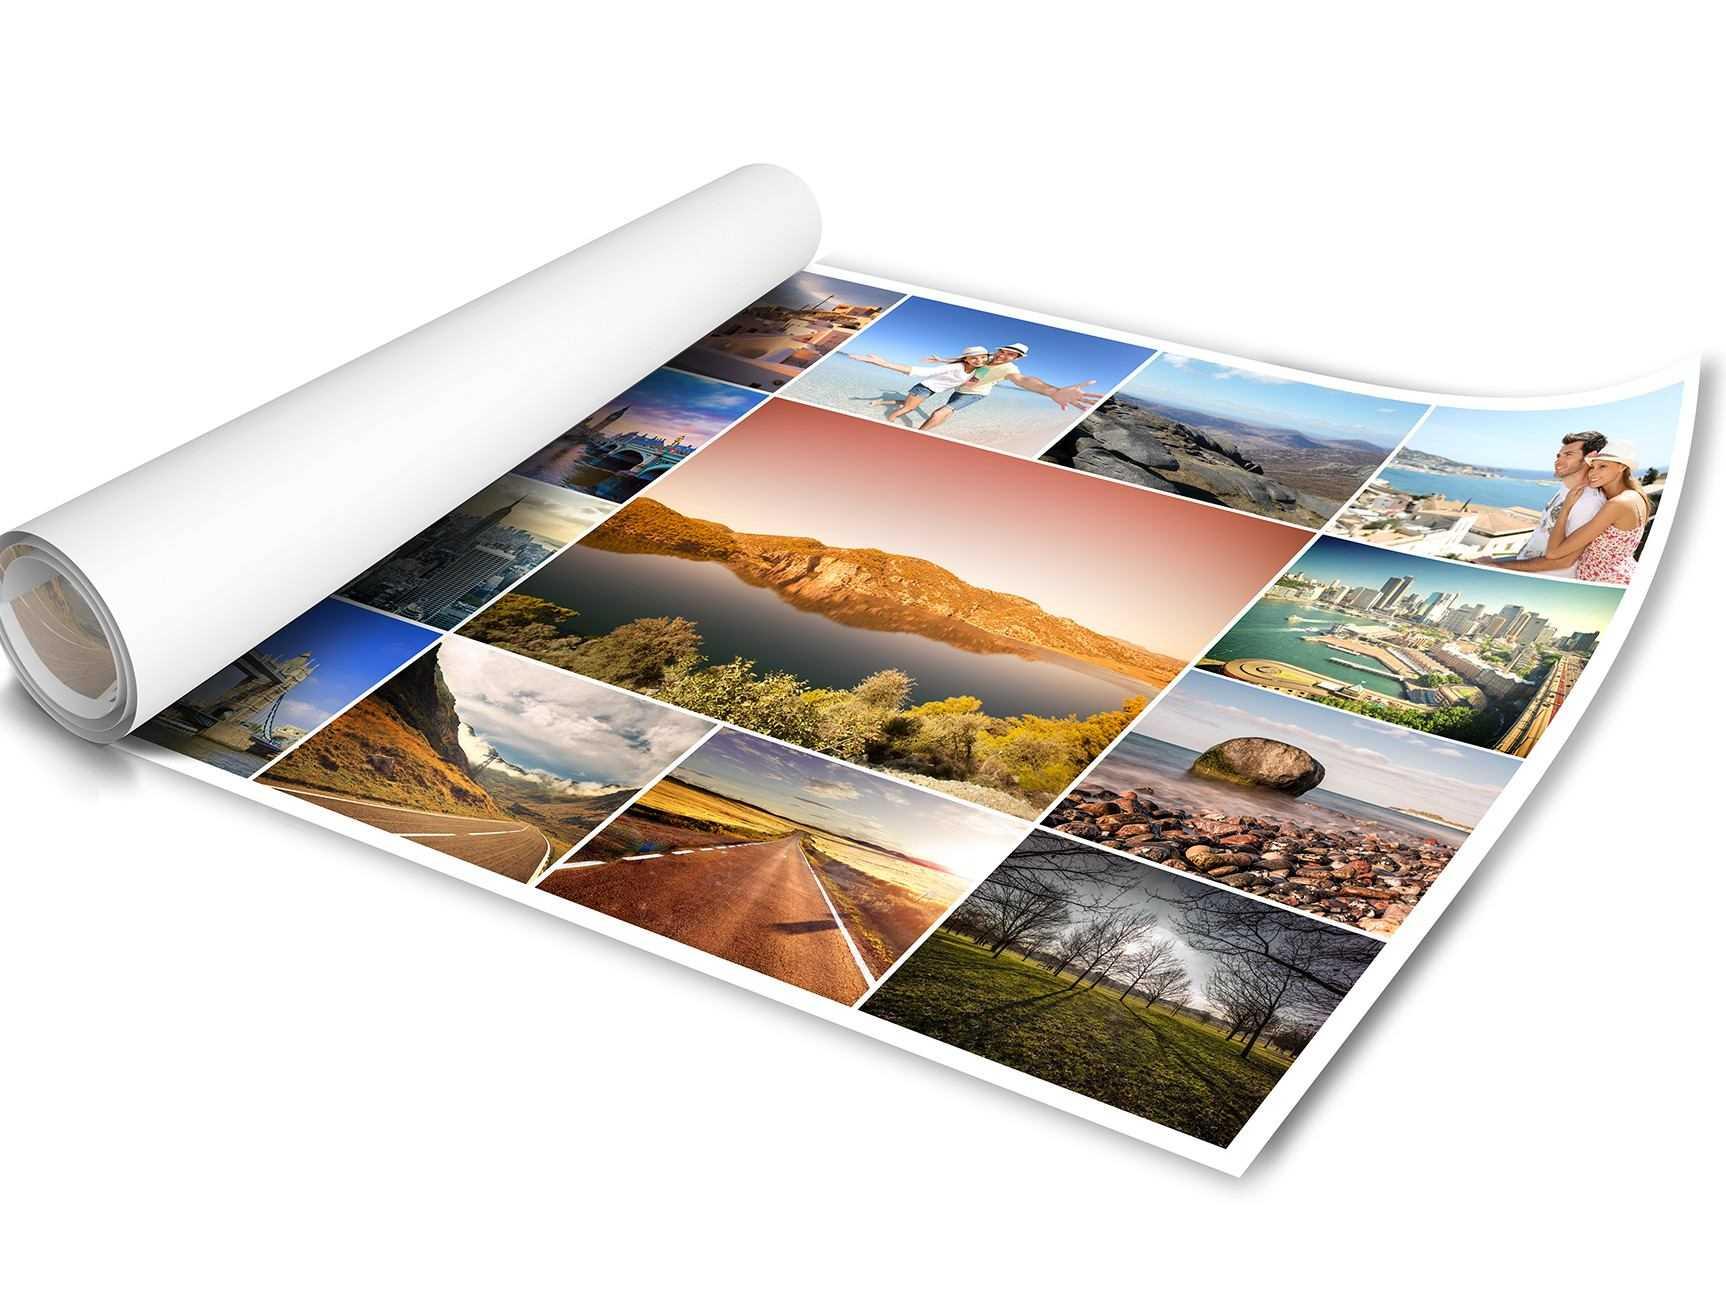 2_26570_1_13268_custom-collage-poster-prints-a1AfJqTgaXB8QyLREV.jpg.png